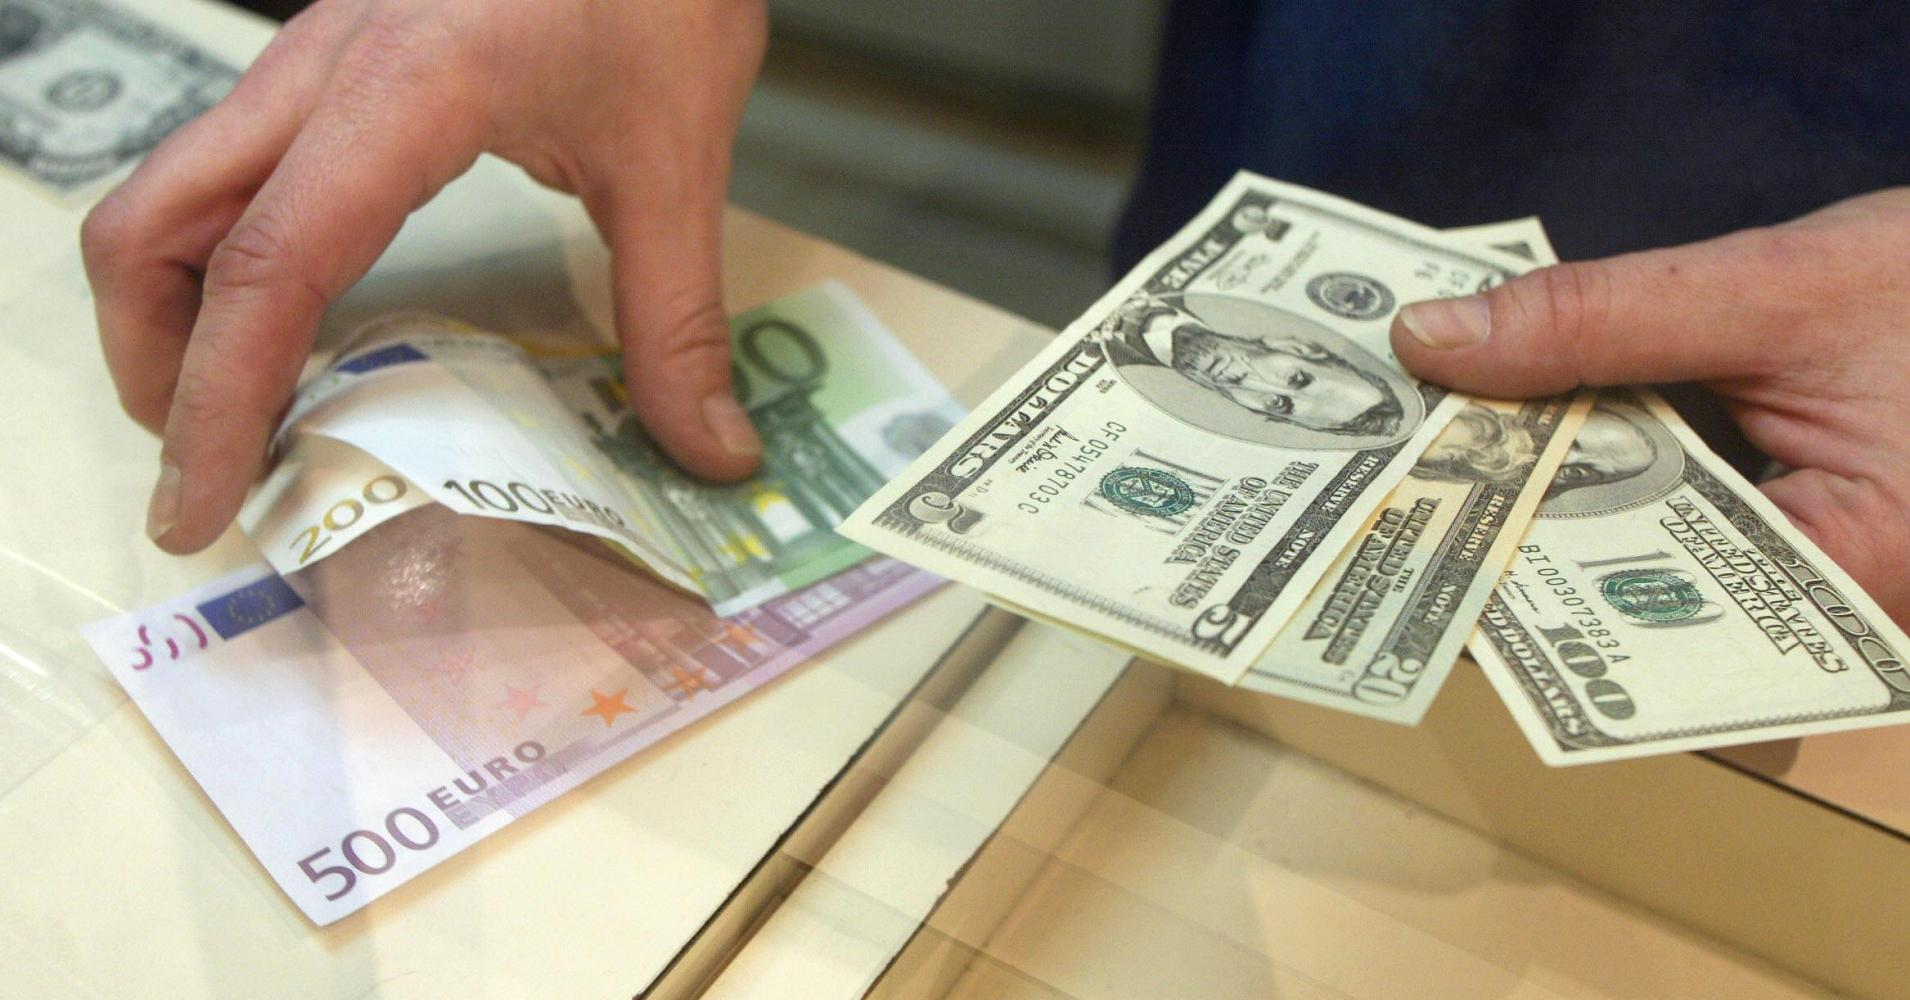 قیمت دلار در بازار امروز پنجشنبه ۹ اردیبهشت ۱۴۰۰/ نرخ رسمی انواع ارز چقدر شد؟